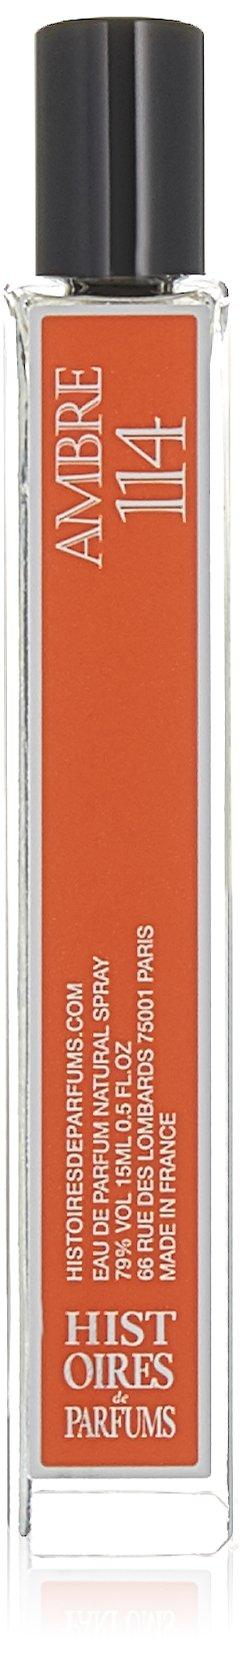 Ambre 114 by Histoires de Parfums Eau De Parfum 0.5 oz Spray by Histoires de Parfums